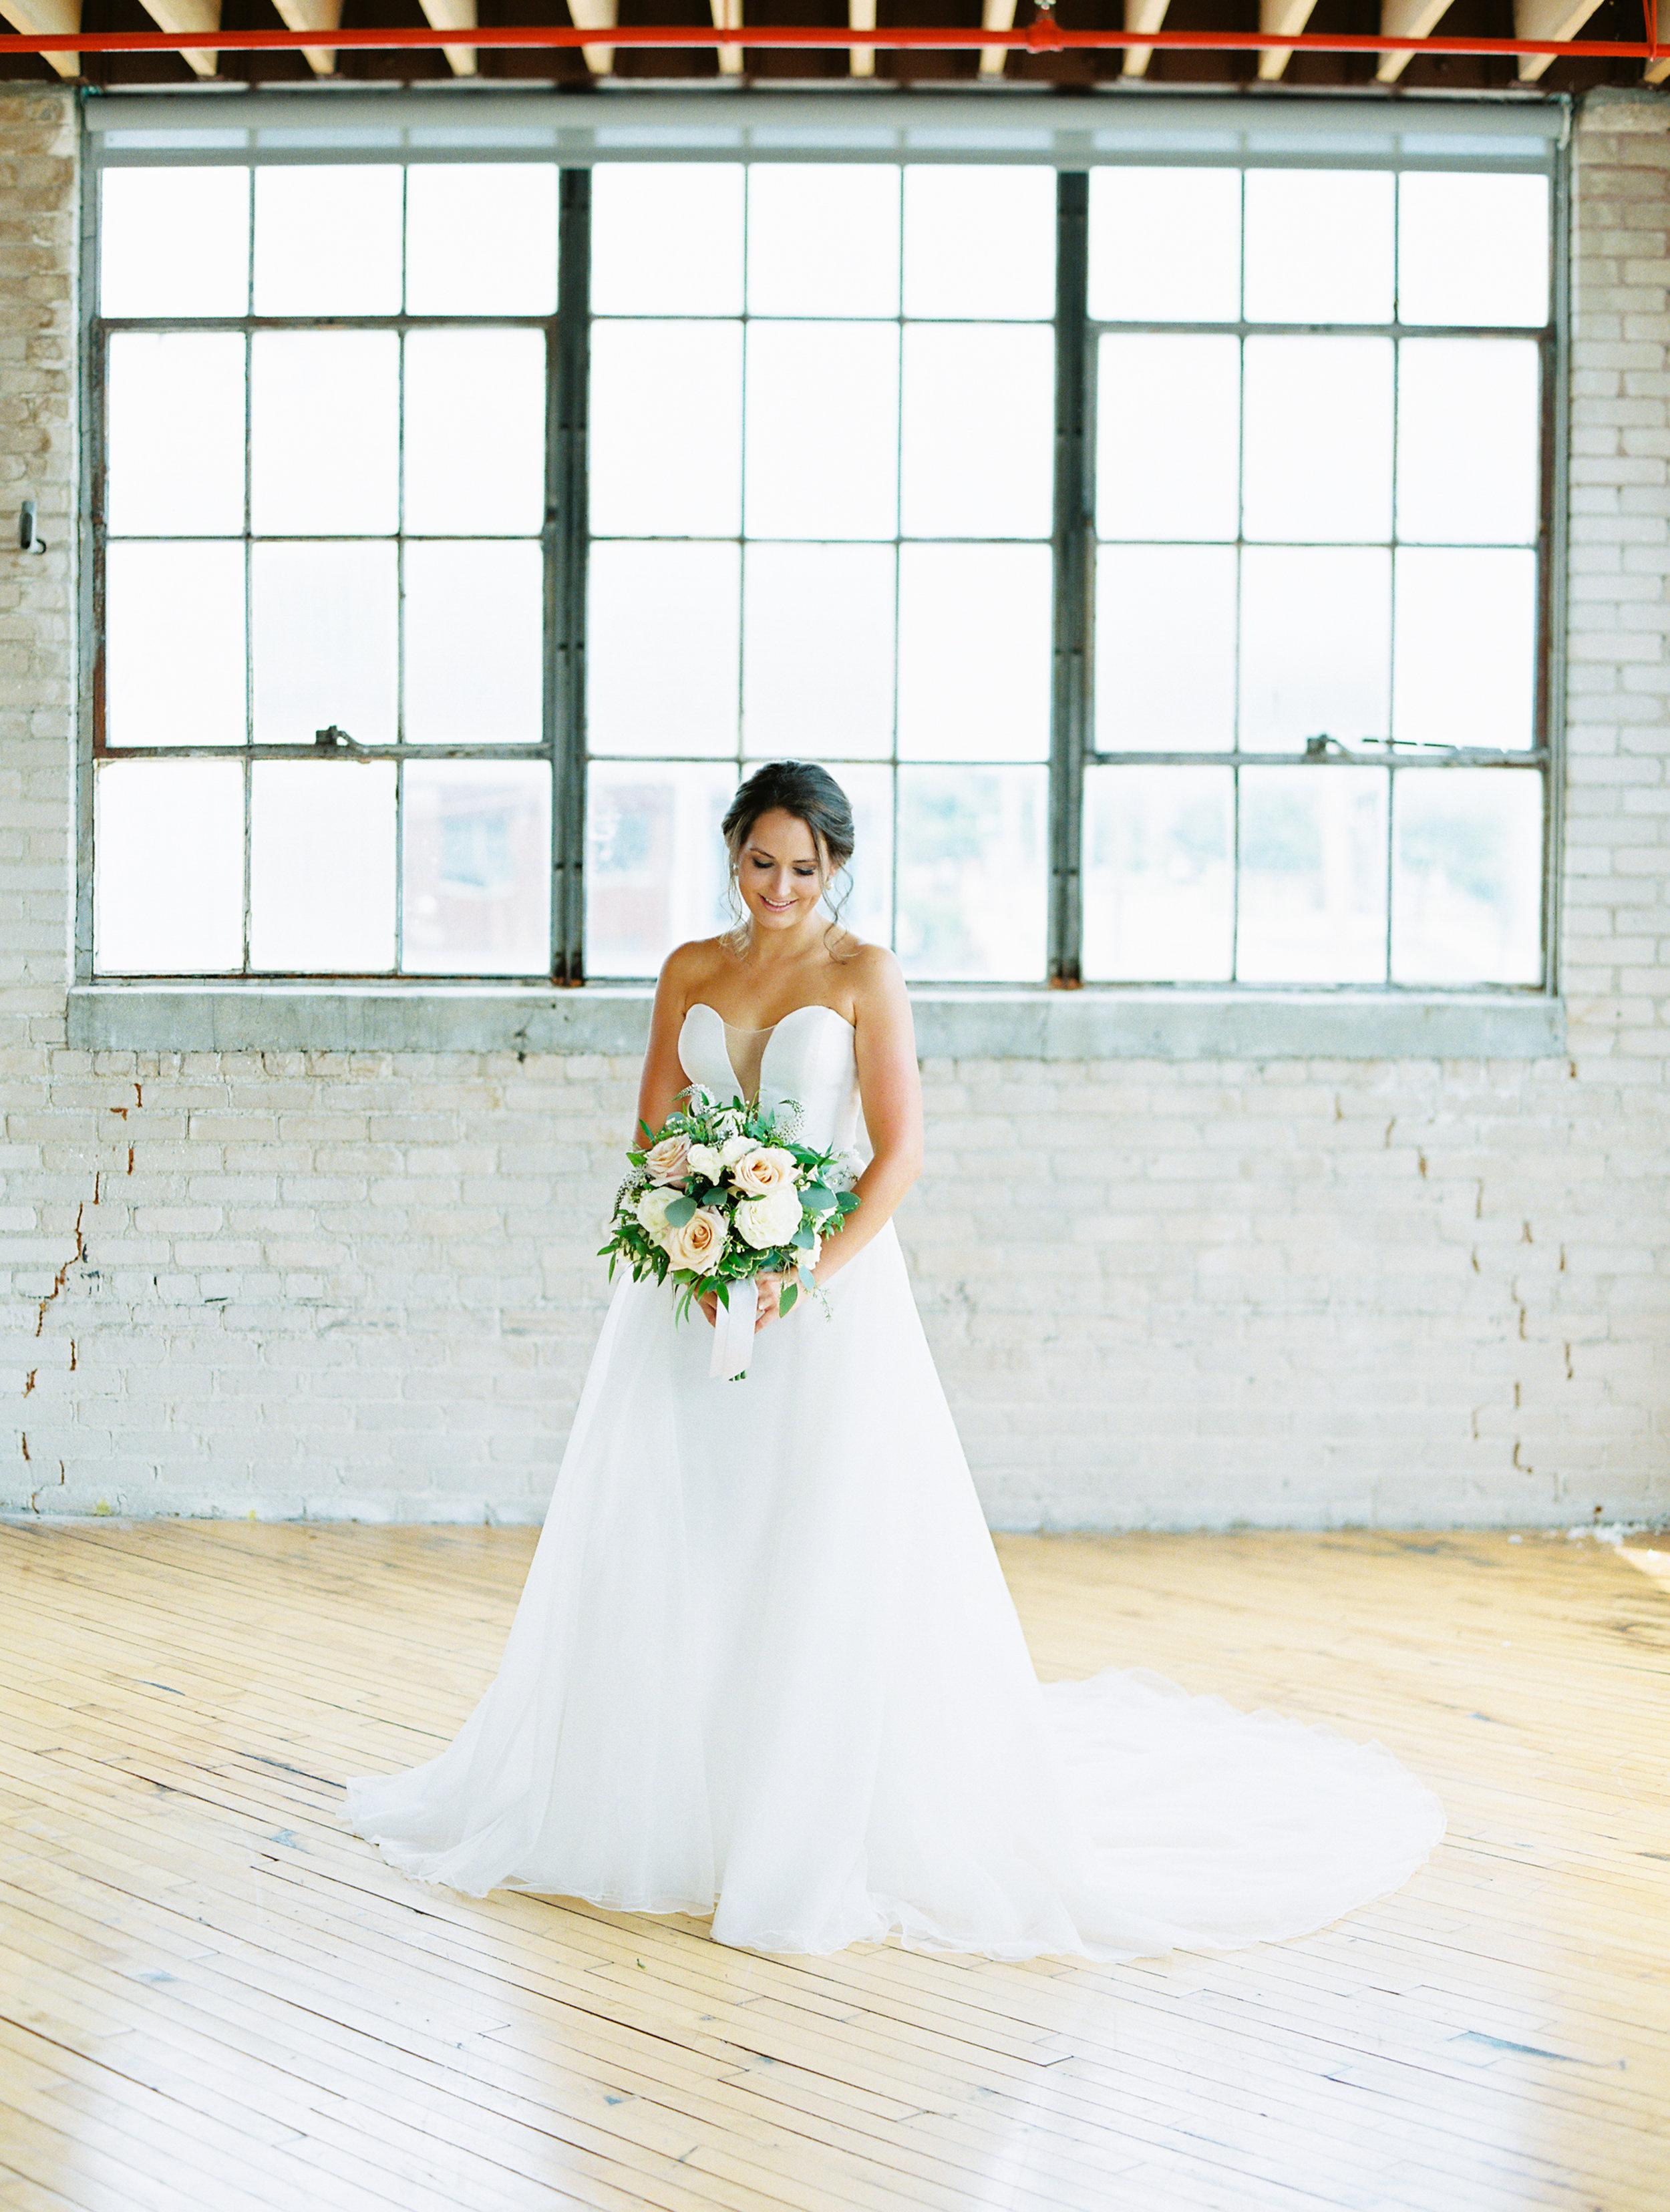 Steiner+Wedding+Bride+Bridesmaids-45.jpg